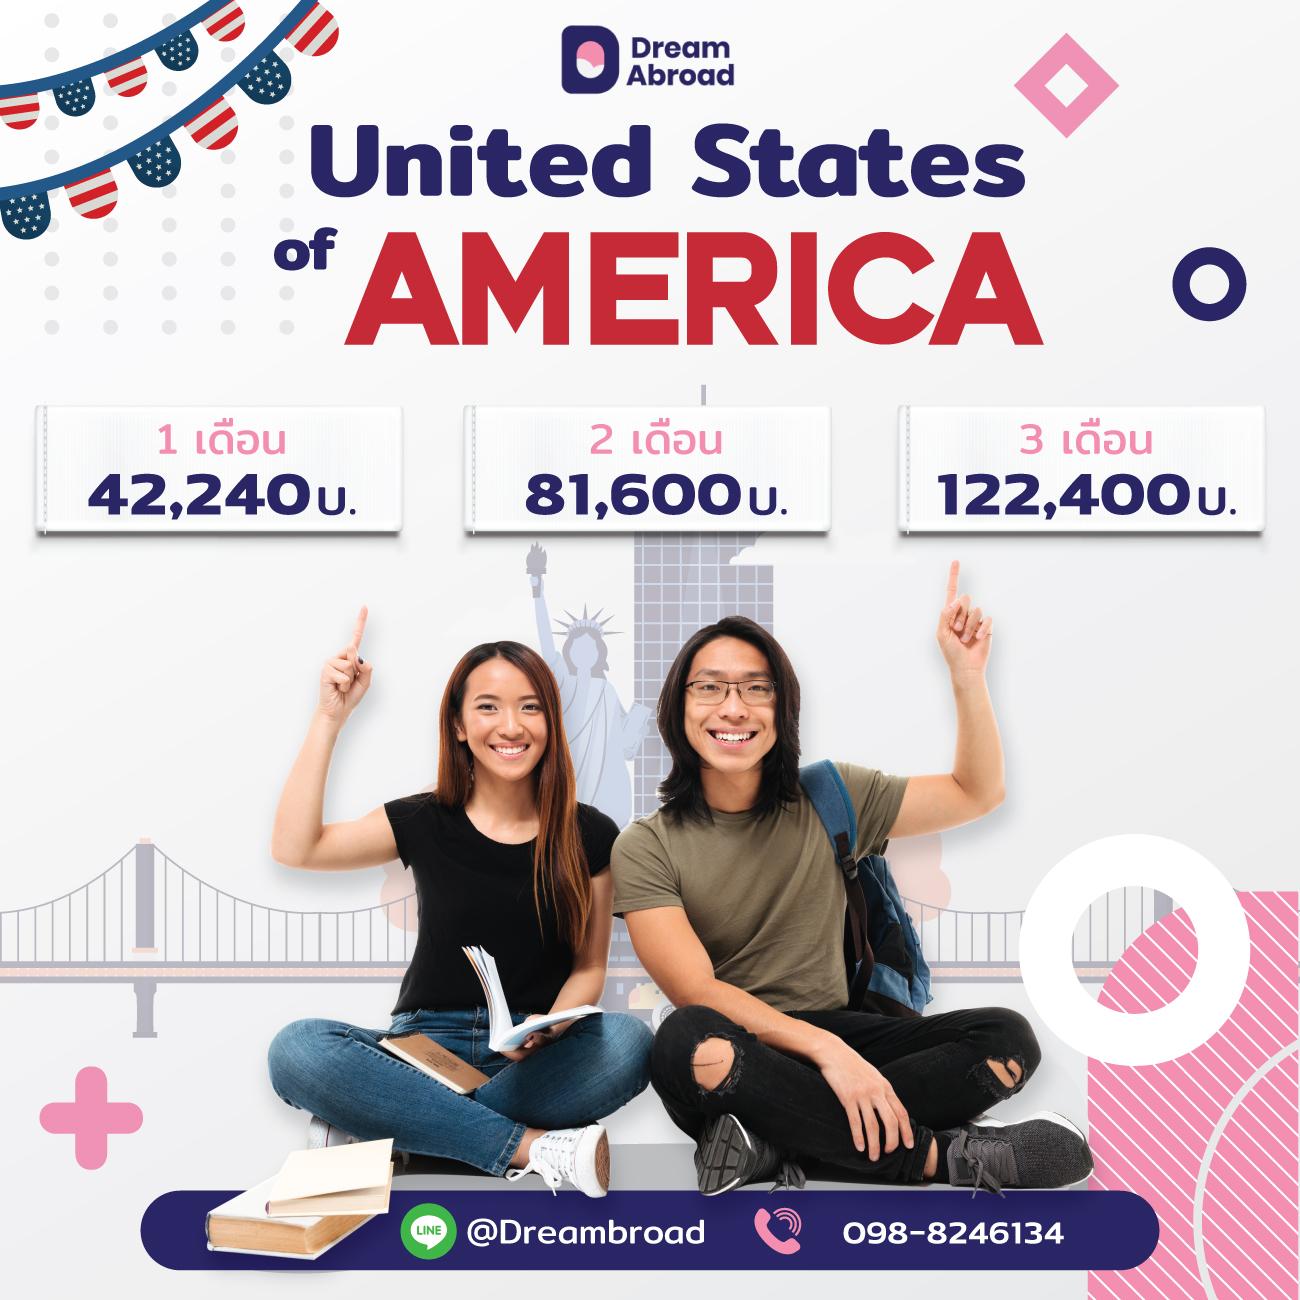 เรียนต่ออเมริกา  เรียนและทำงานอเมริกา  Study Work in USA